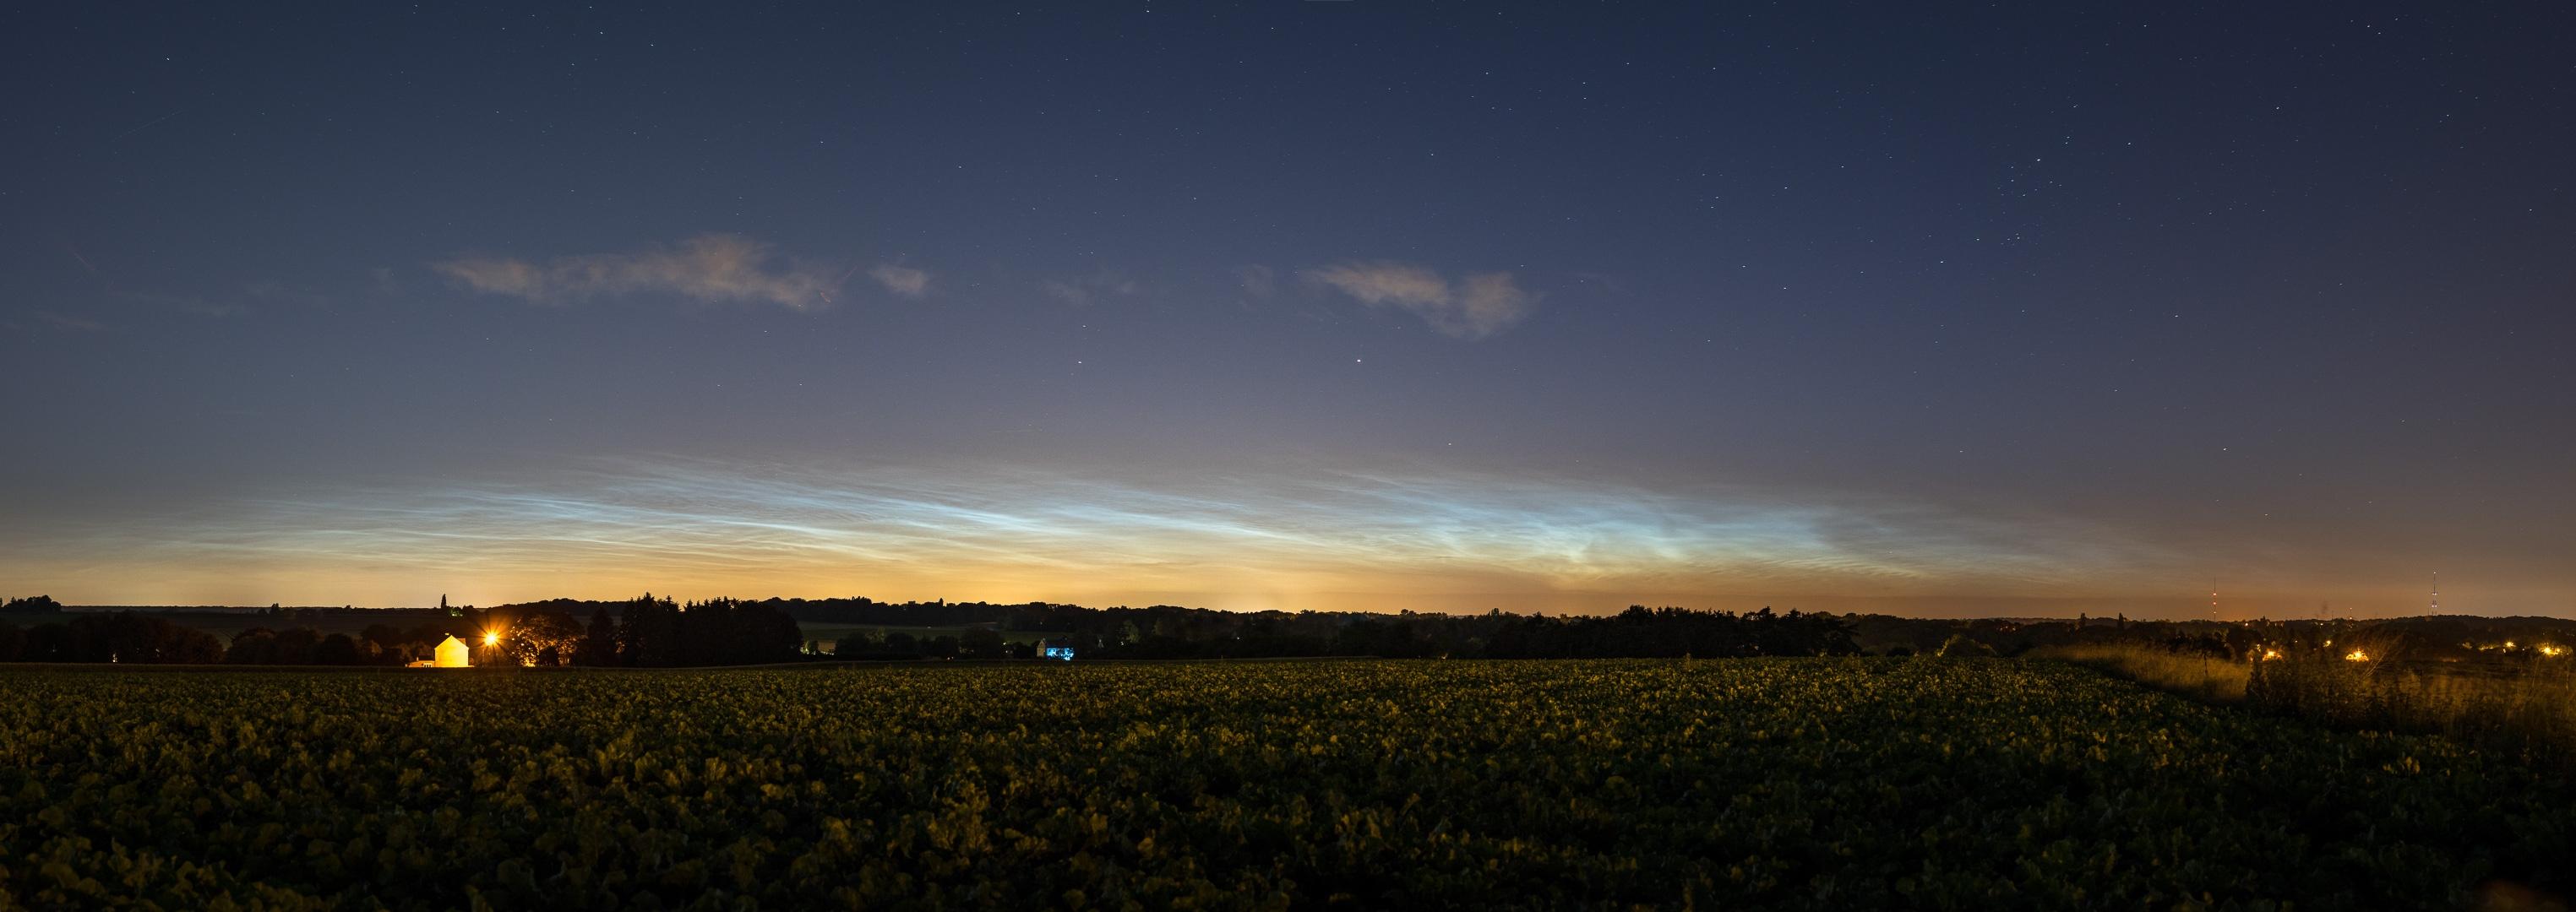 nuages noctiluques et voie lactée 122643-1529490337